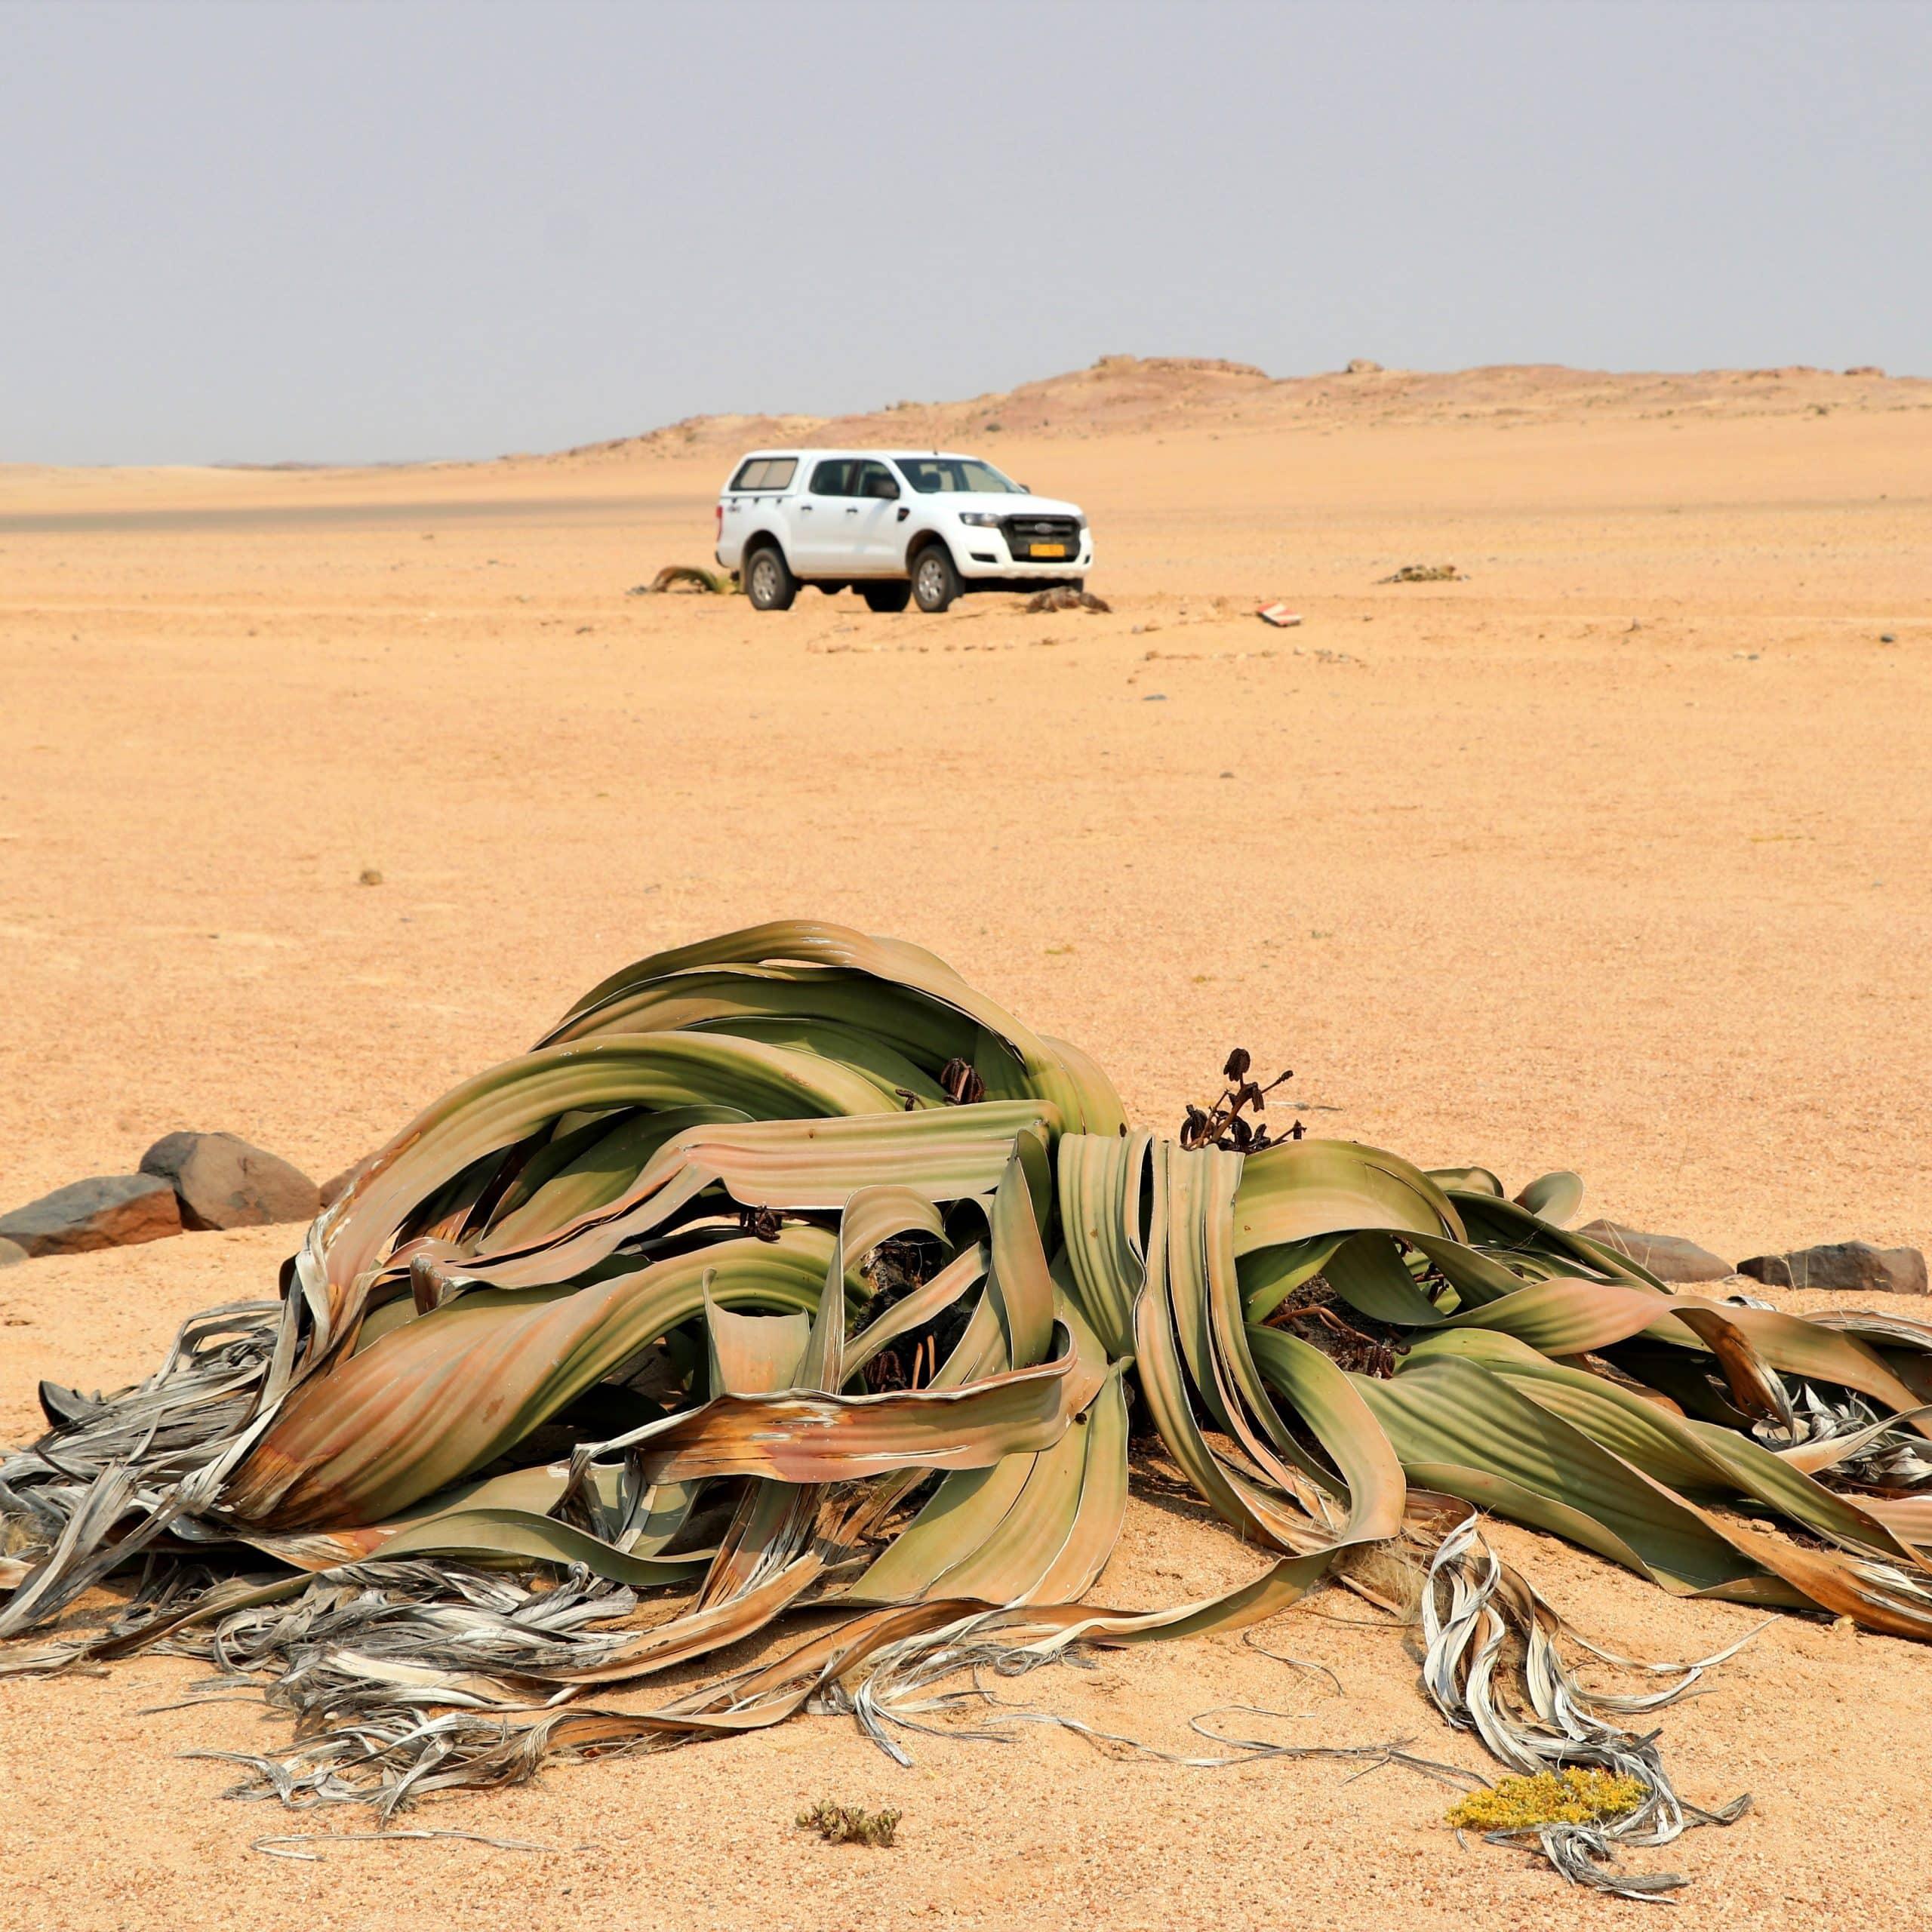 Die Wüstenpflanze Welwitschie kann über 1.000 Jahre alt werden